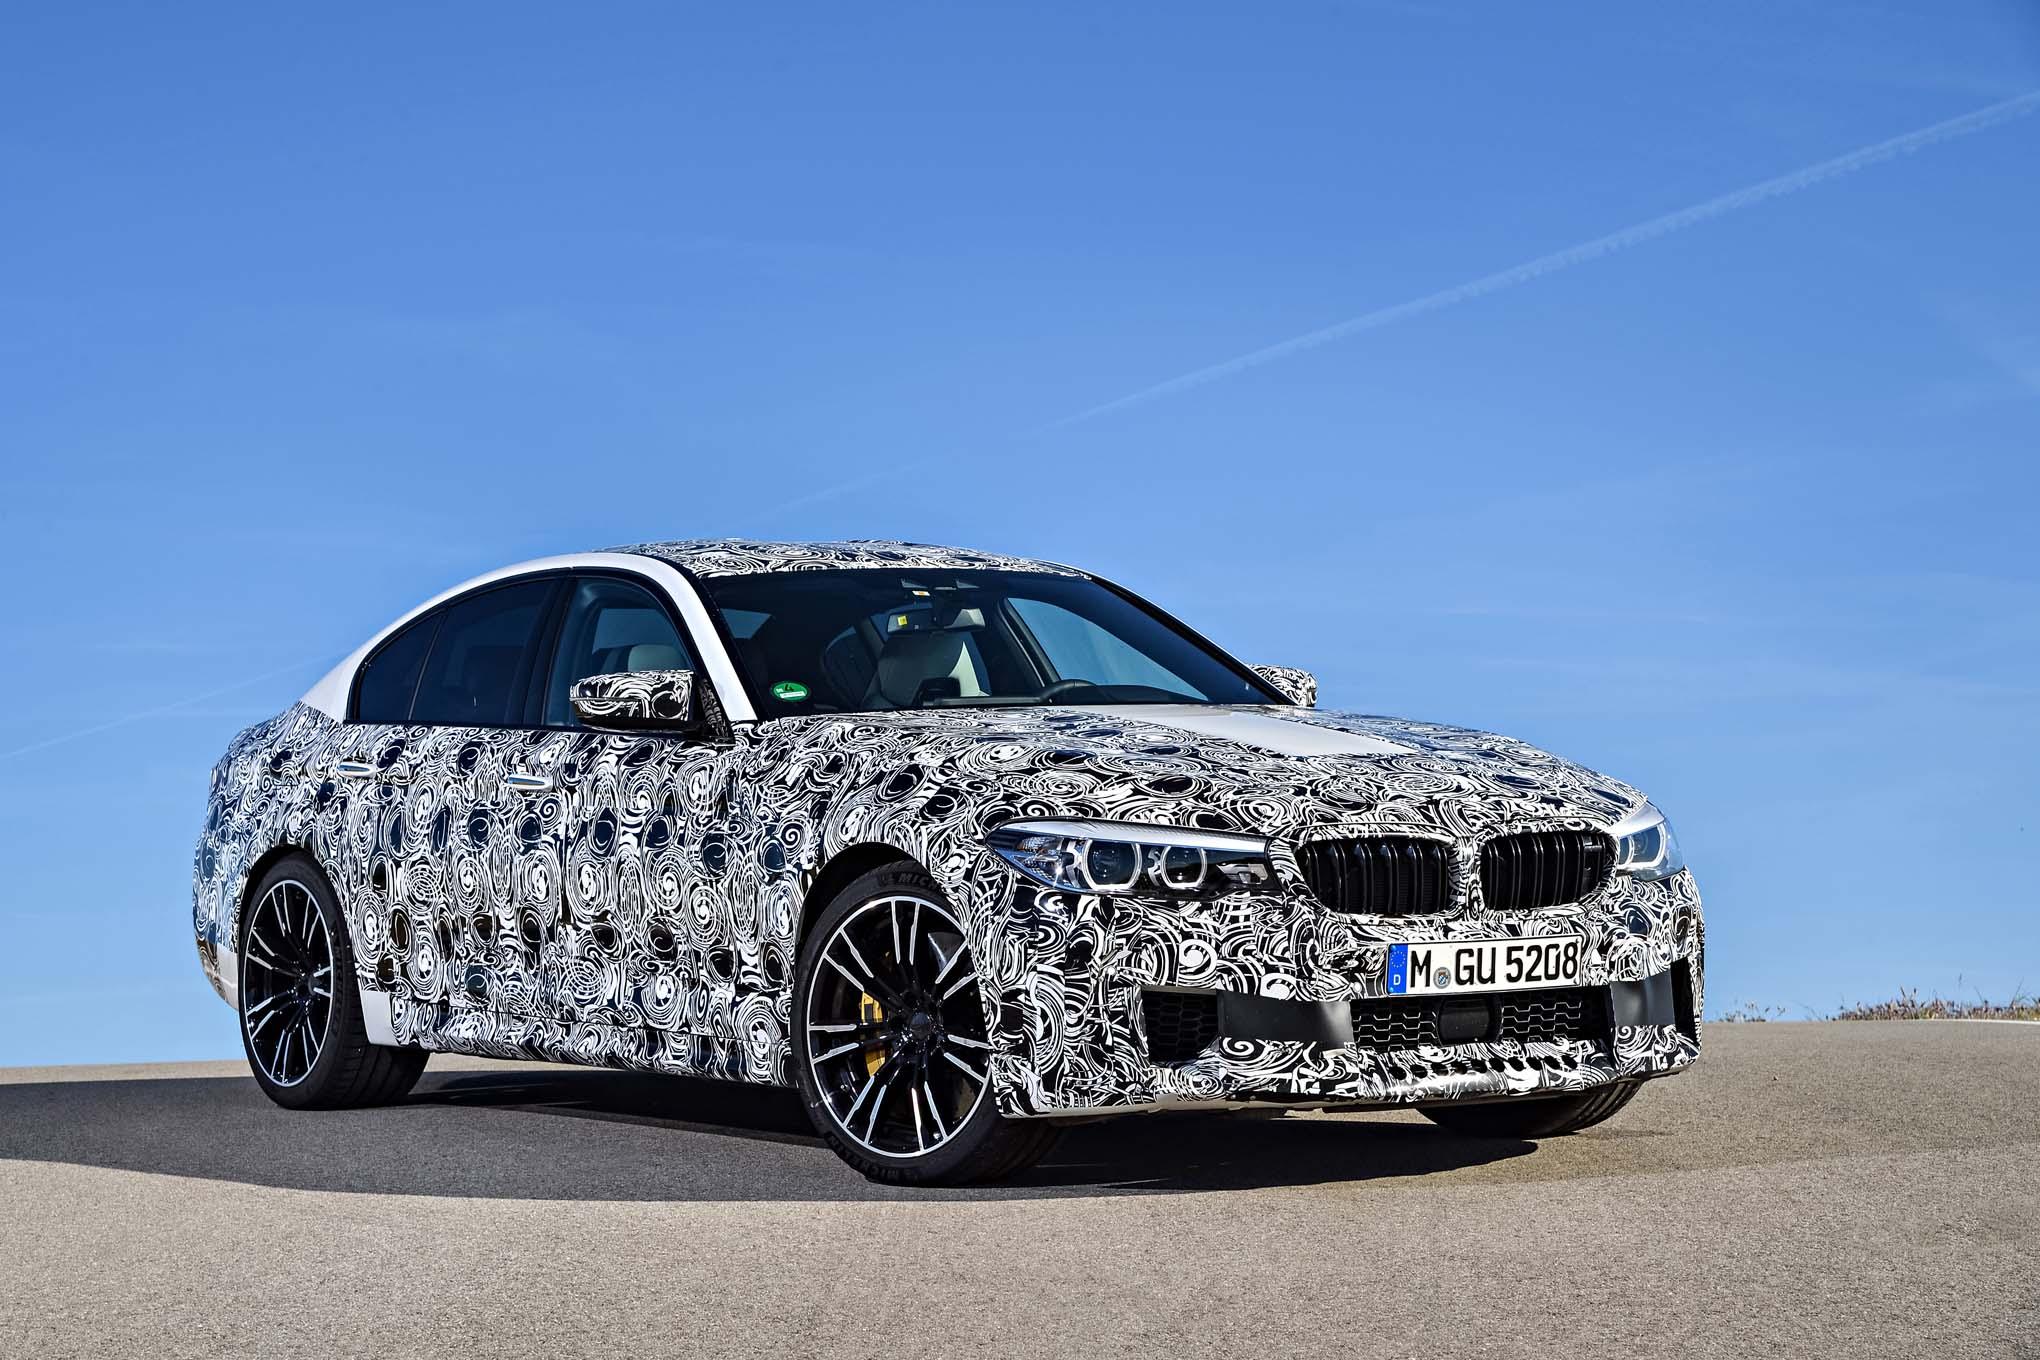 2018 BMW M5 Prototype front three quarter